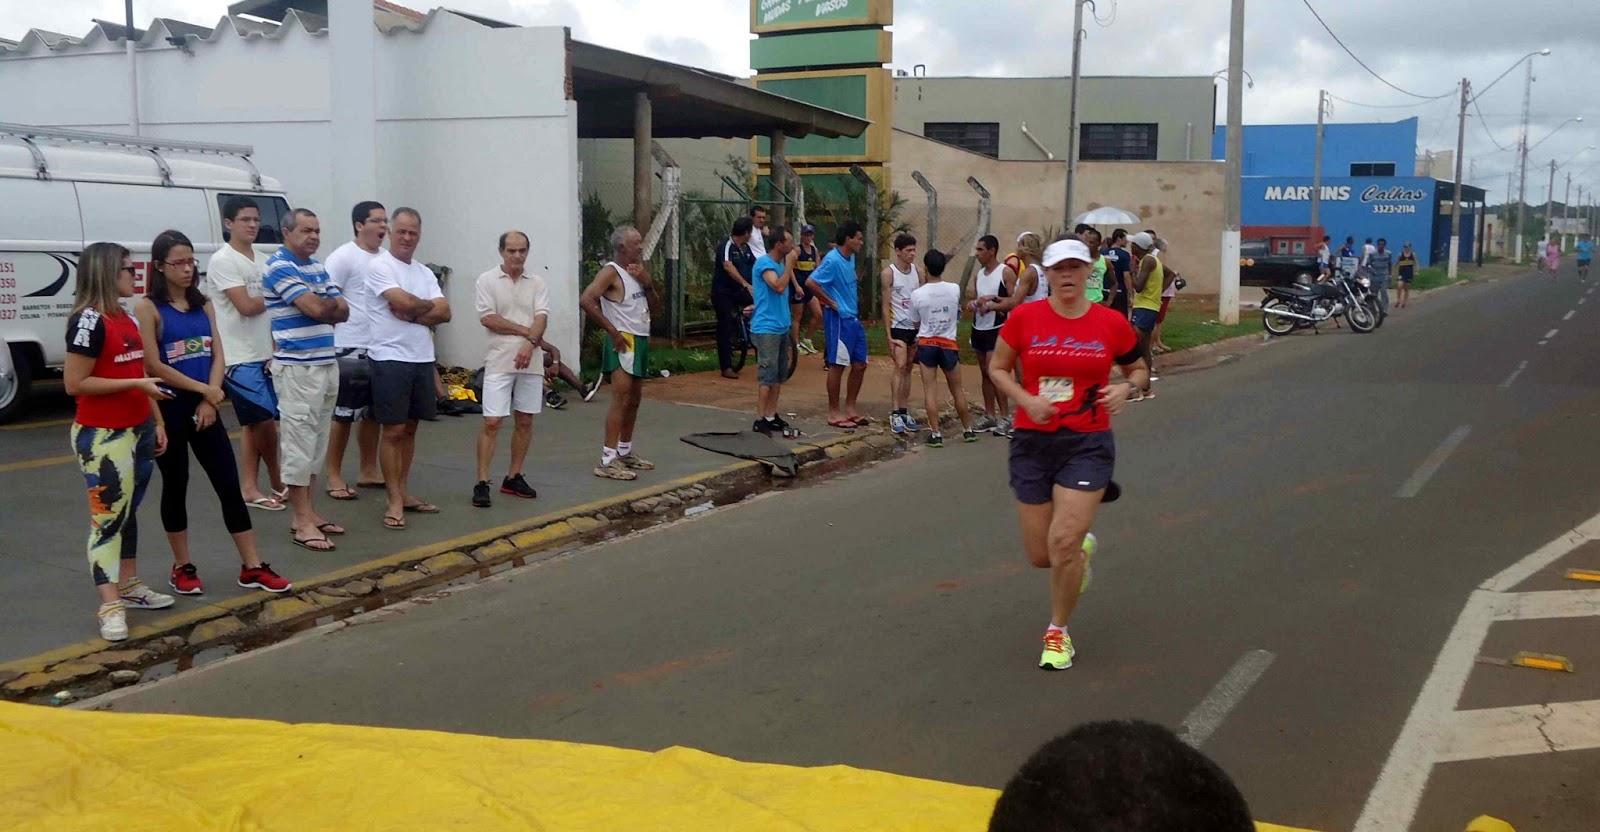 Foto 180 da 1ª Corrida Av. dos Coqueiros em Barretos-SP 14/04/2013 – Atletas cruzando a linha de chegada